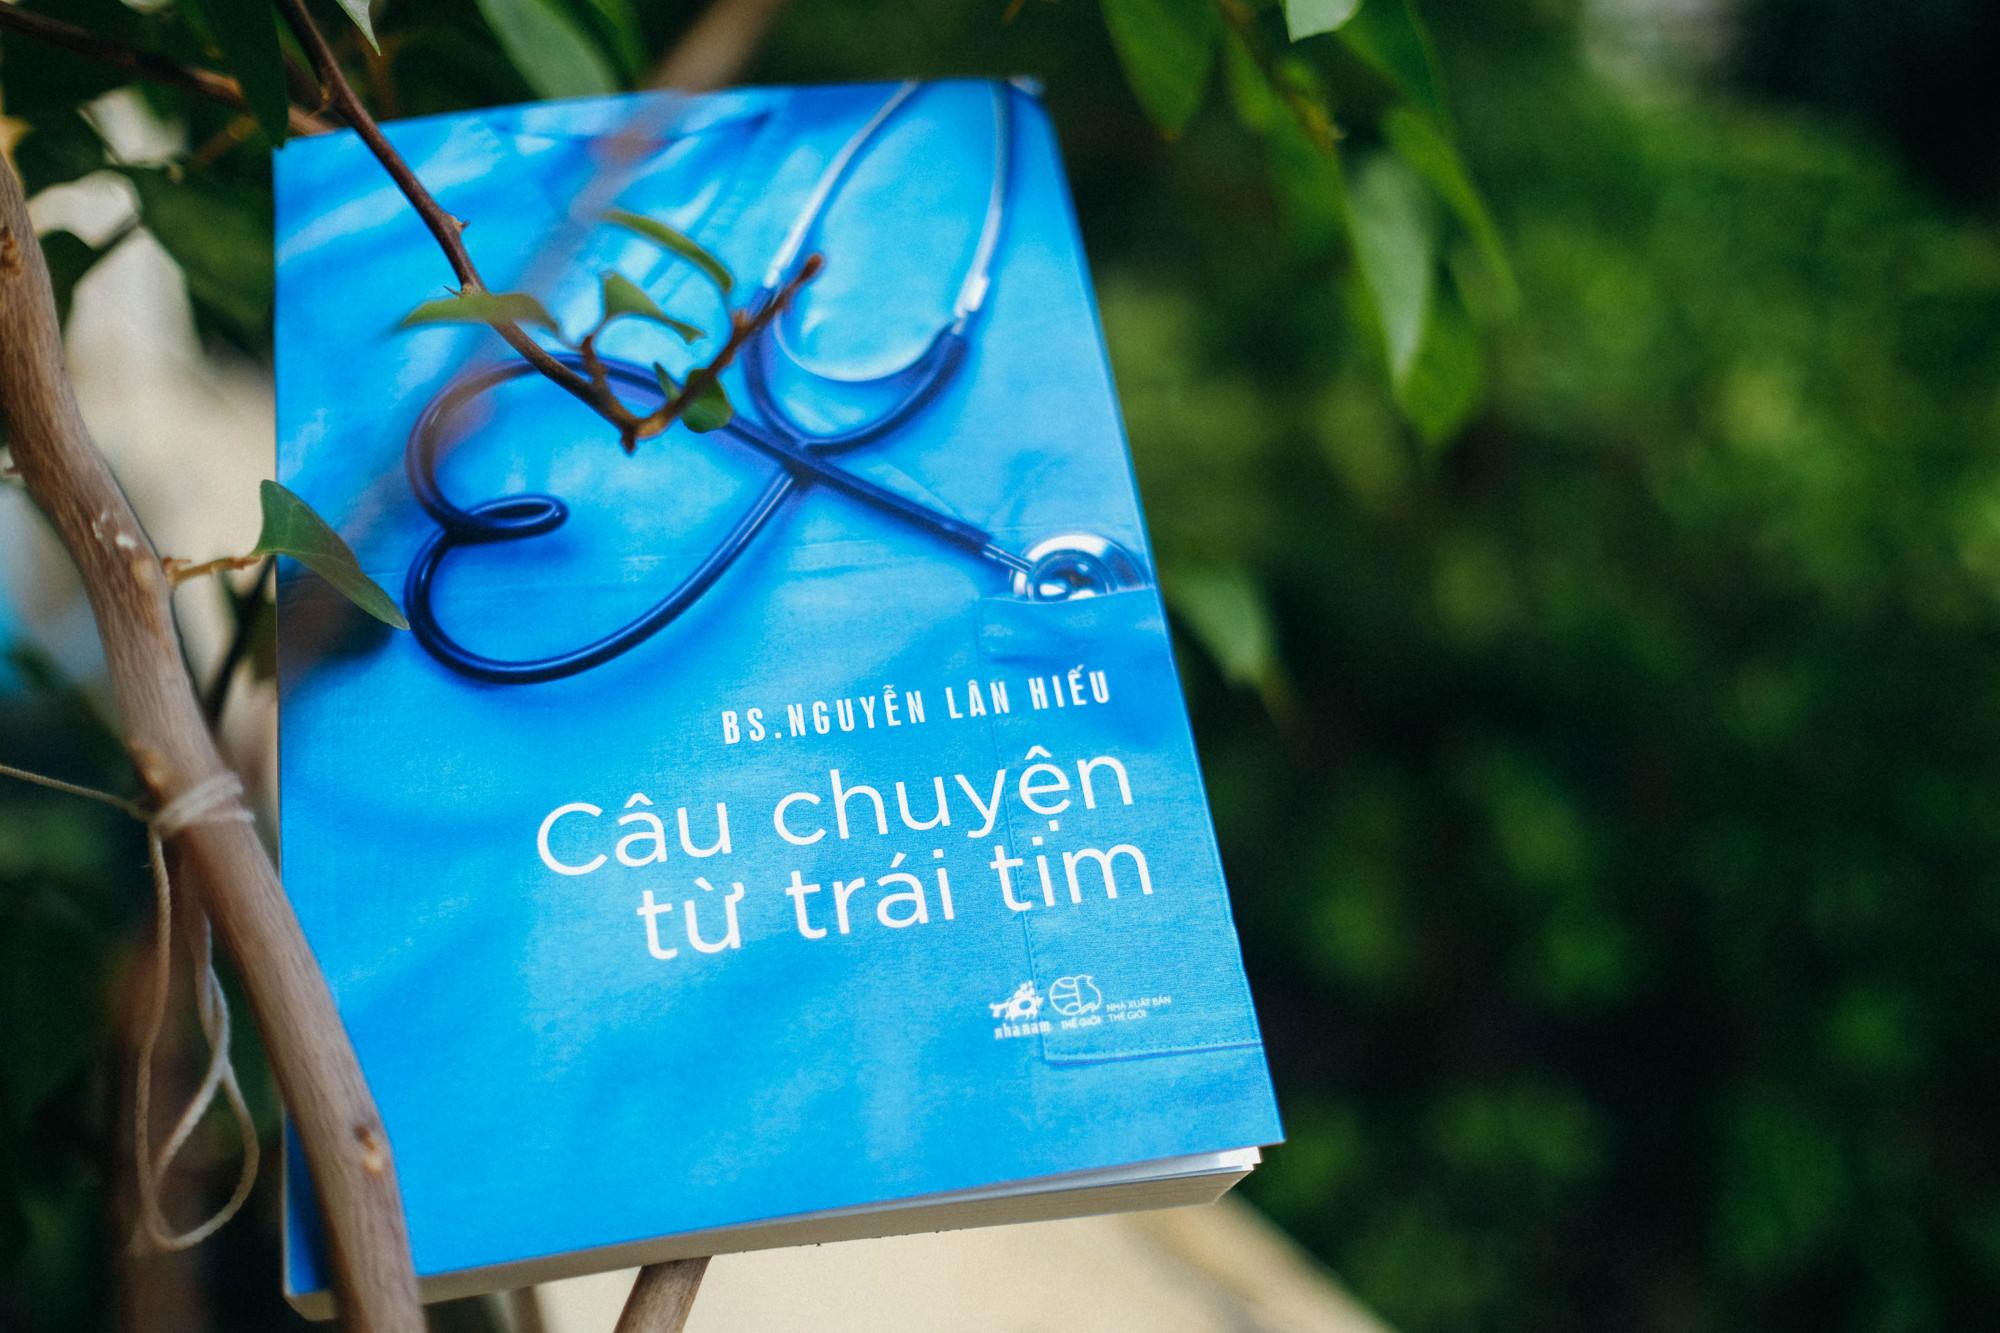 Bác sĩ Nguyễn Lân Hiếu gửi gắm nhiều tâm tư trong cuốn sách vừa xuất bản